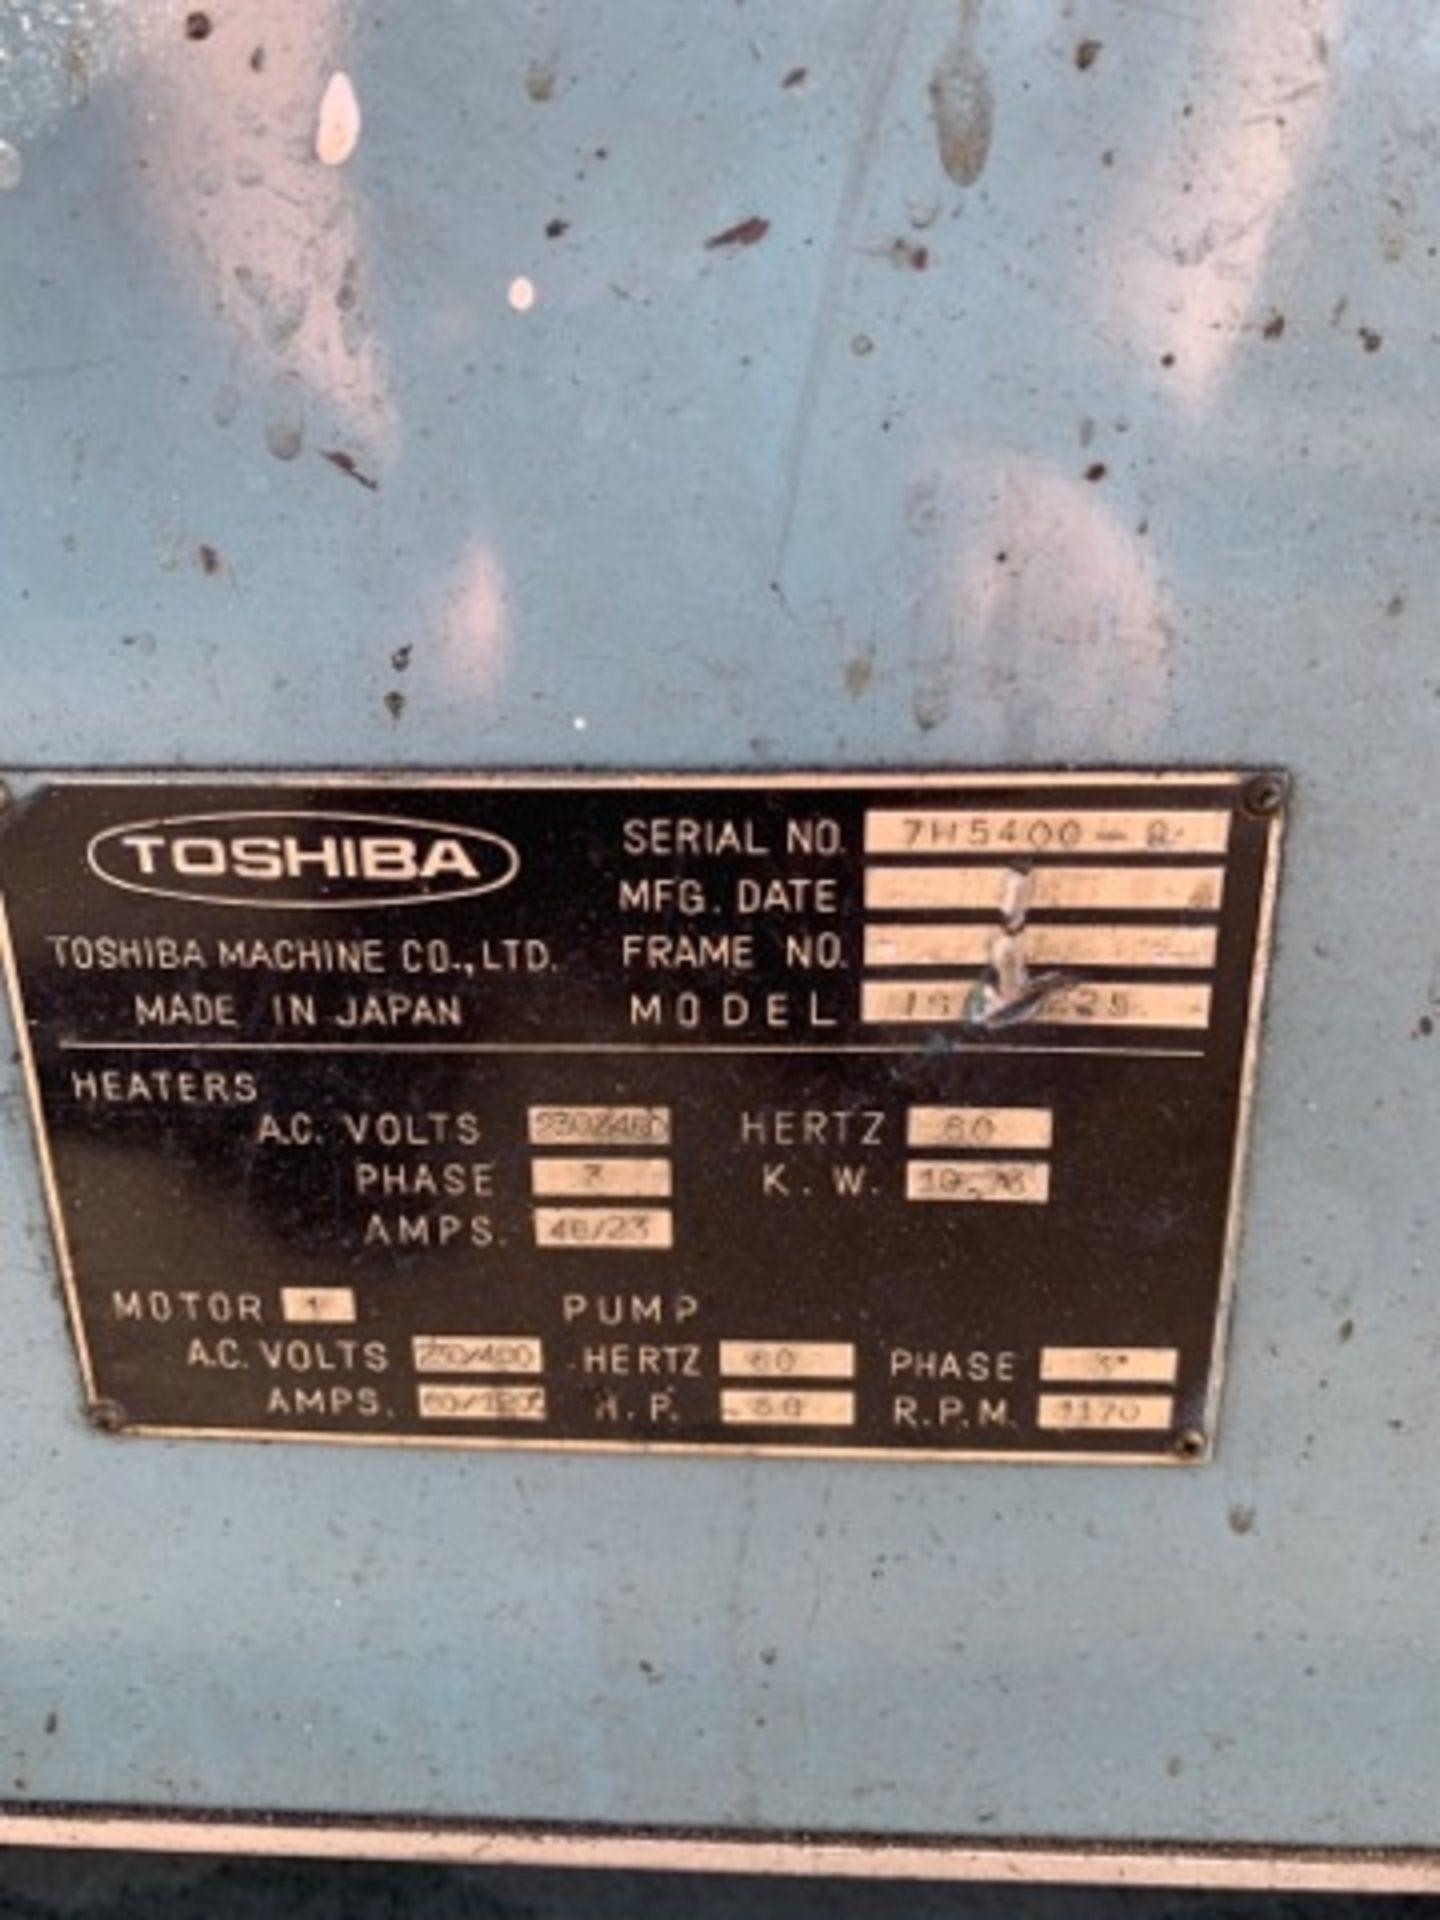 225 TON TOSHIBA ISC225 INJECTION MOLDING MACHINE - Image 3 of 4